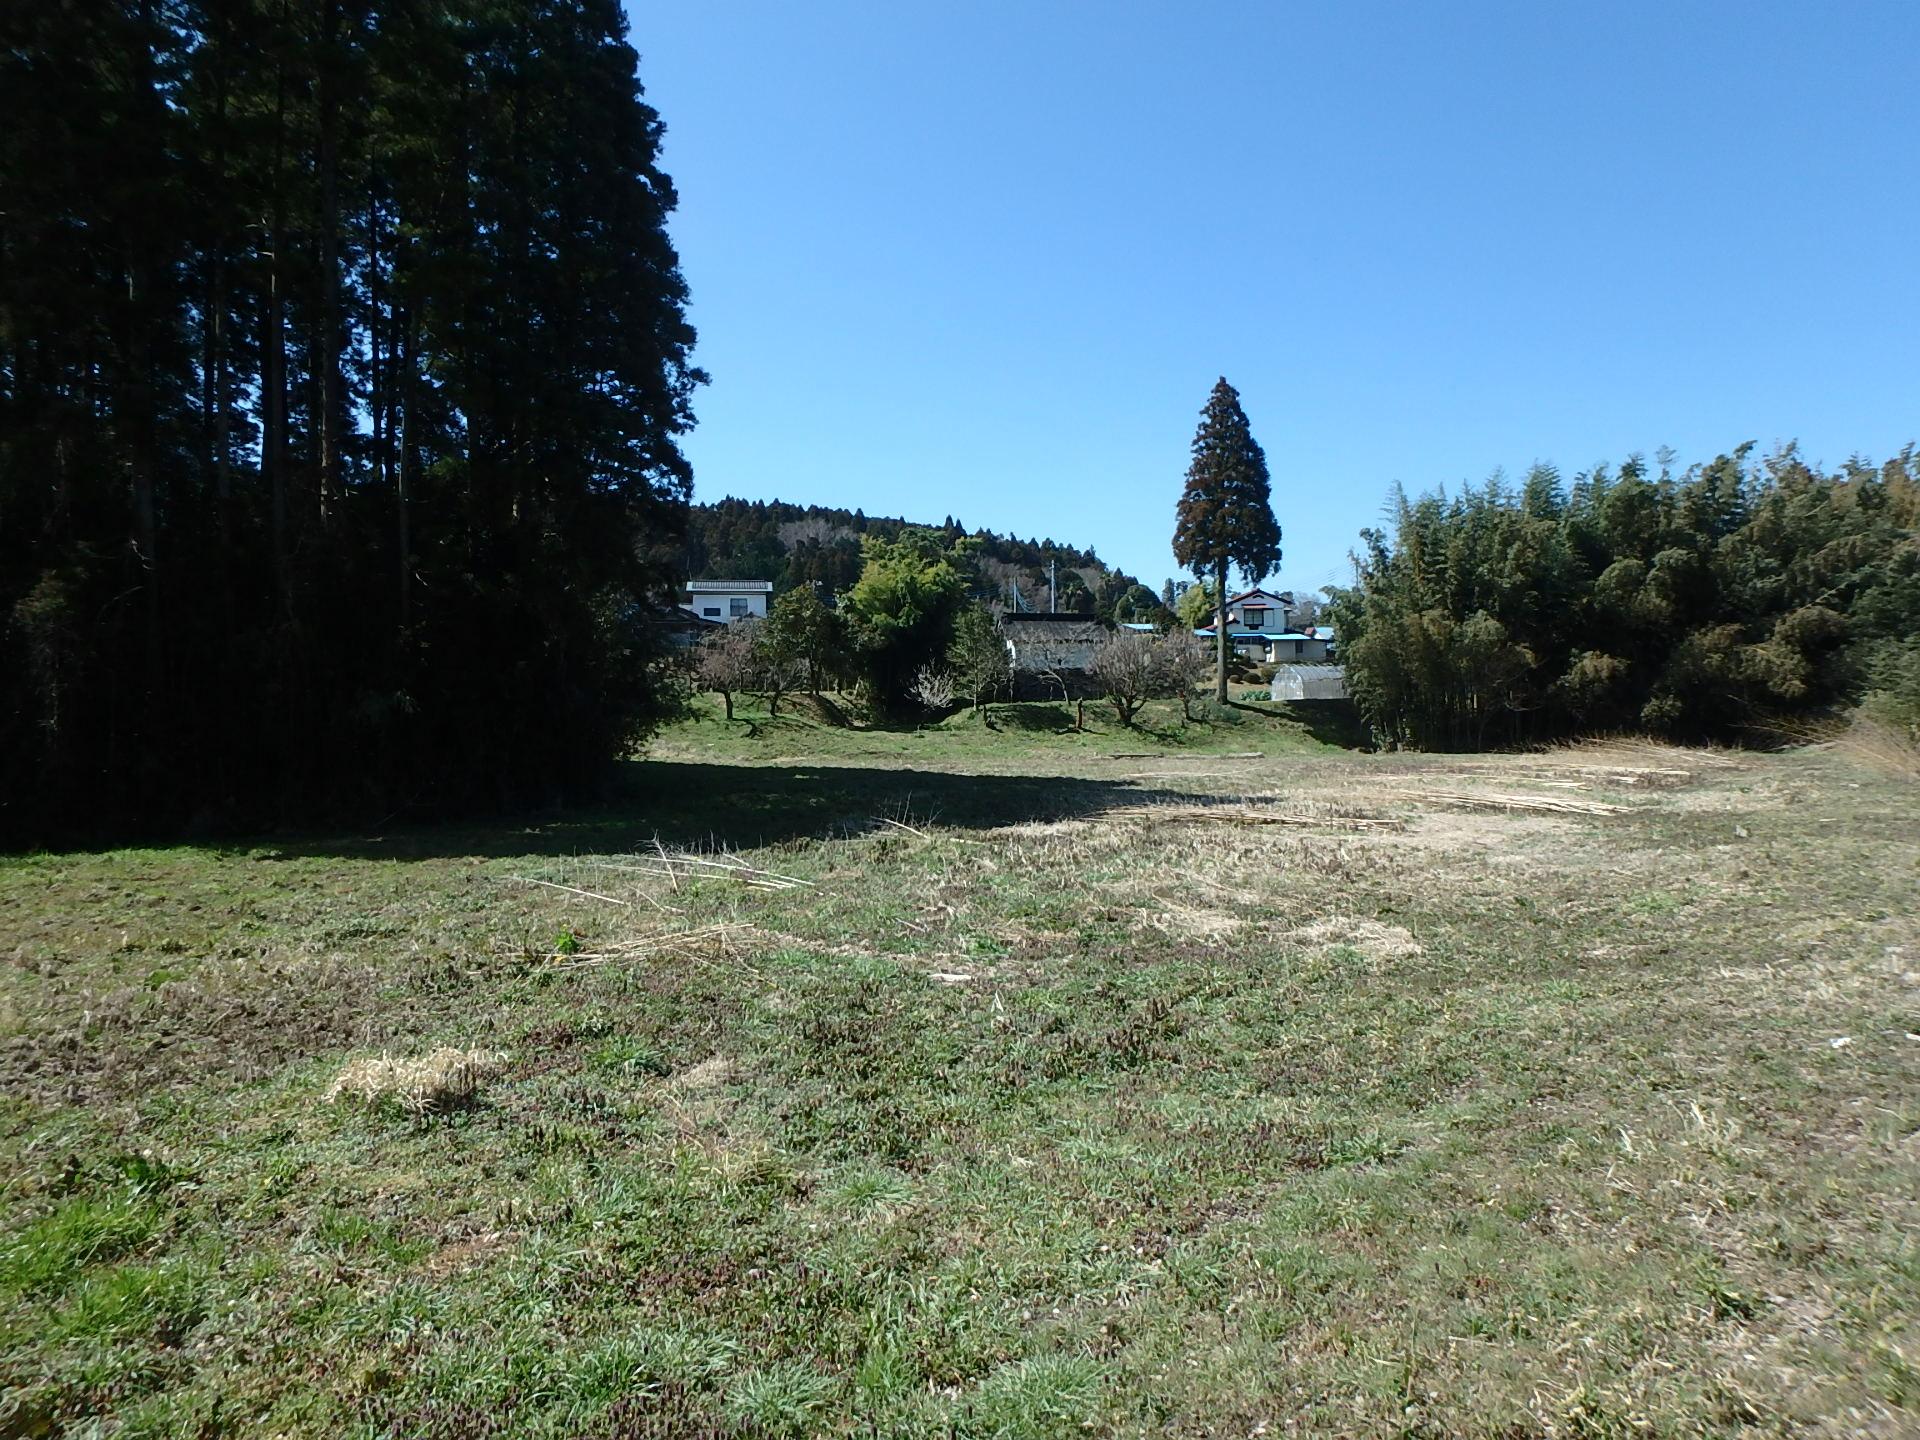 千葉県君津市向郷の不動産、広大な土地、キャンプ場やドッグラン用地